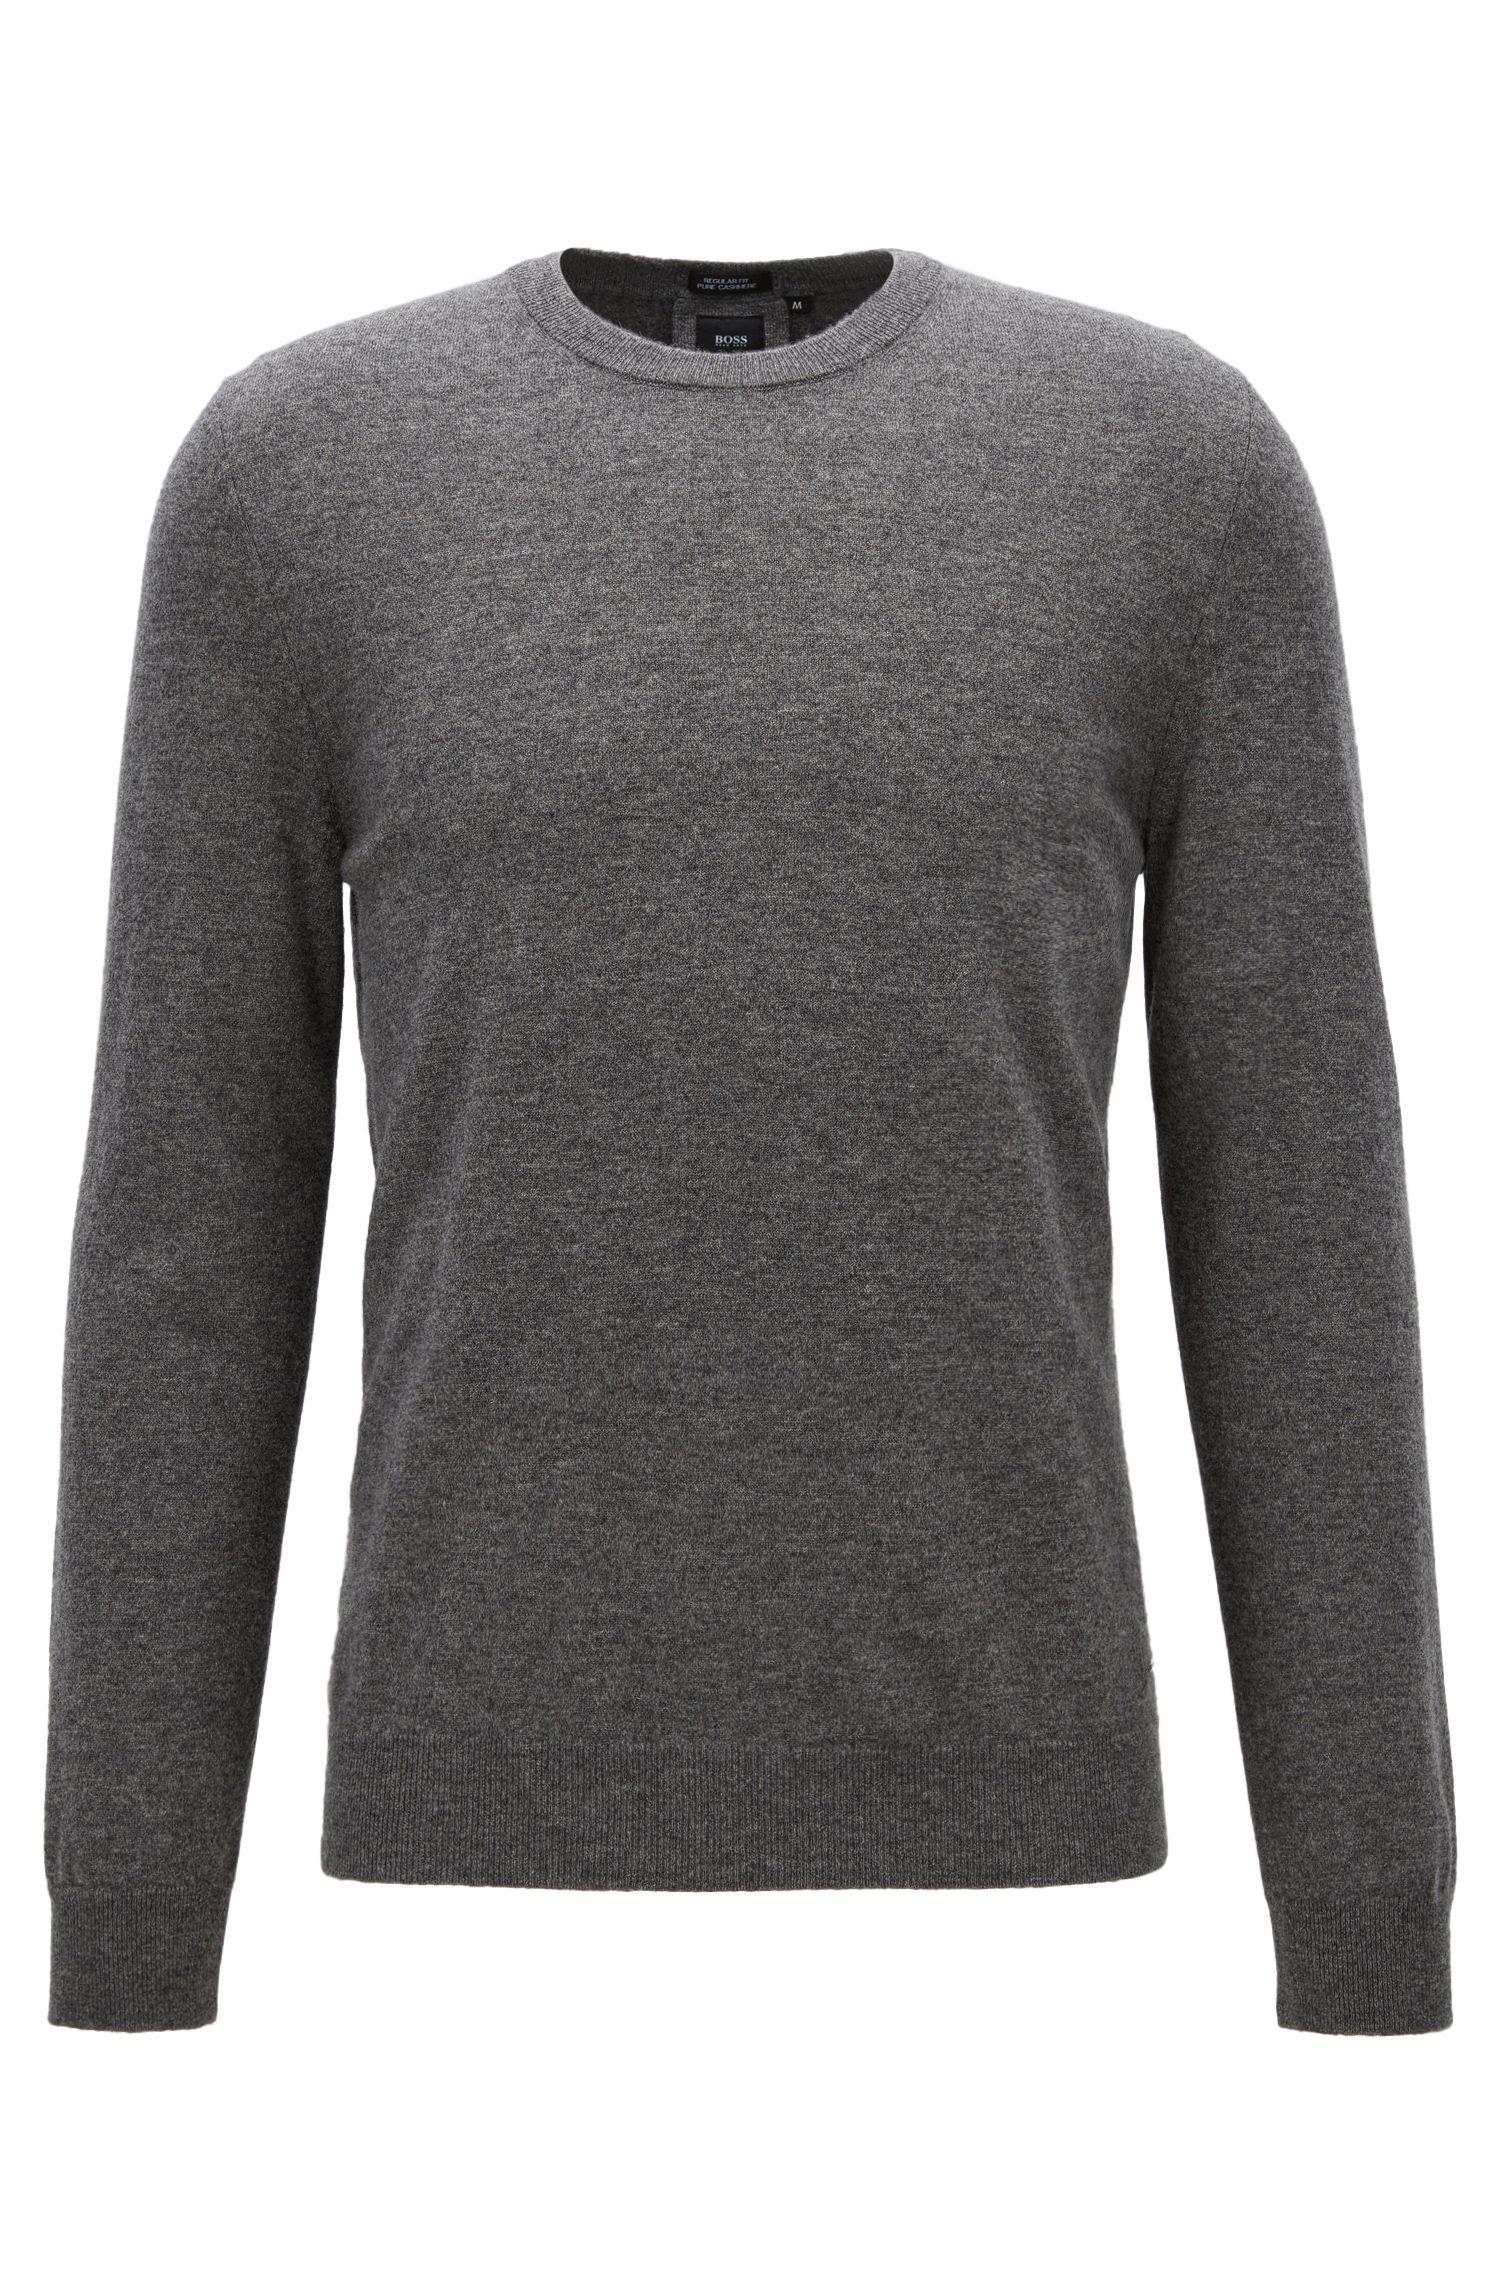 Leichter Regular-Fit Pullover aus italienischem Kaschmir, Grau